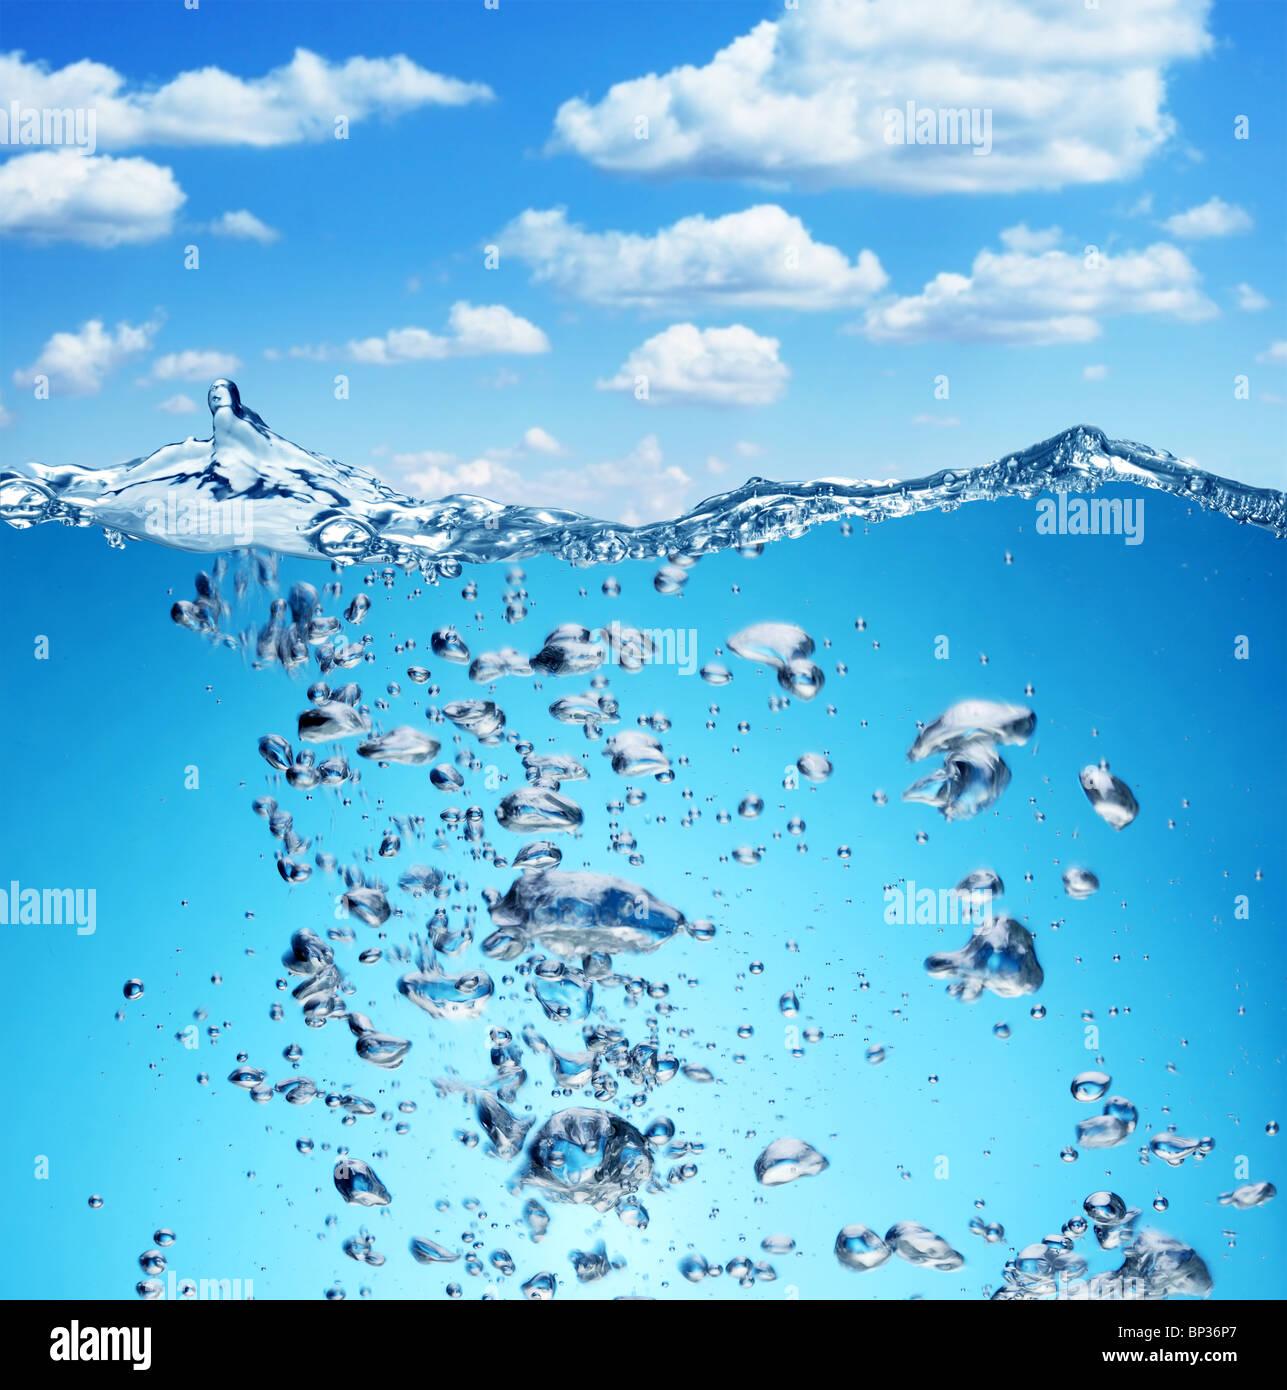 Bulles d'air montent du fond de l'océan à la surface. Photo Stock